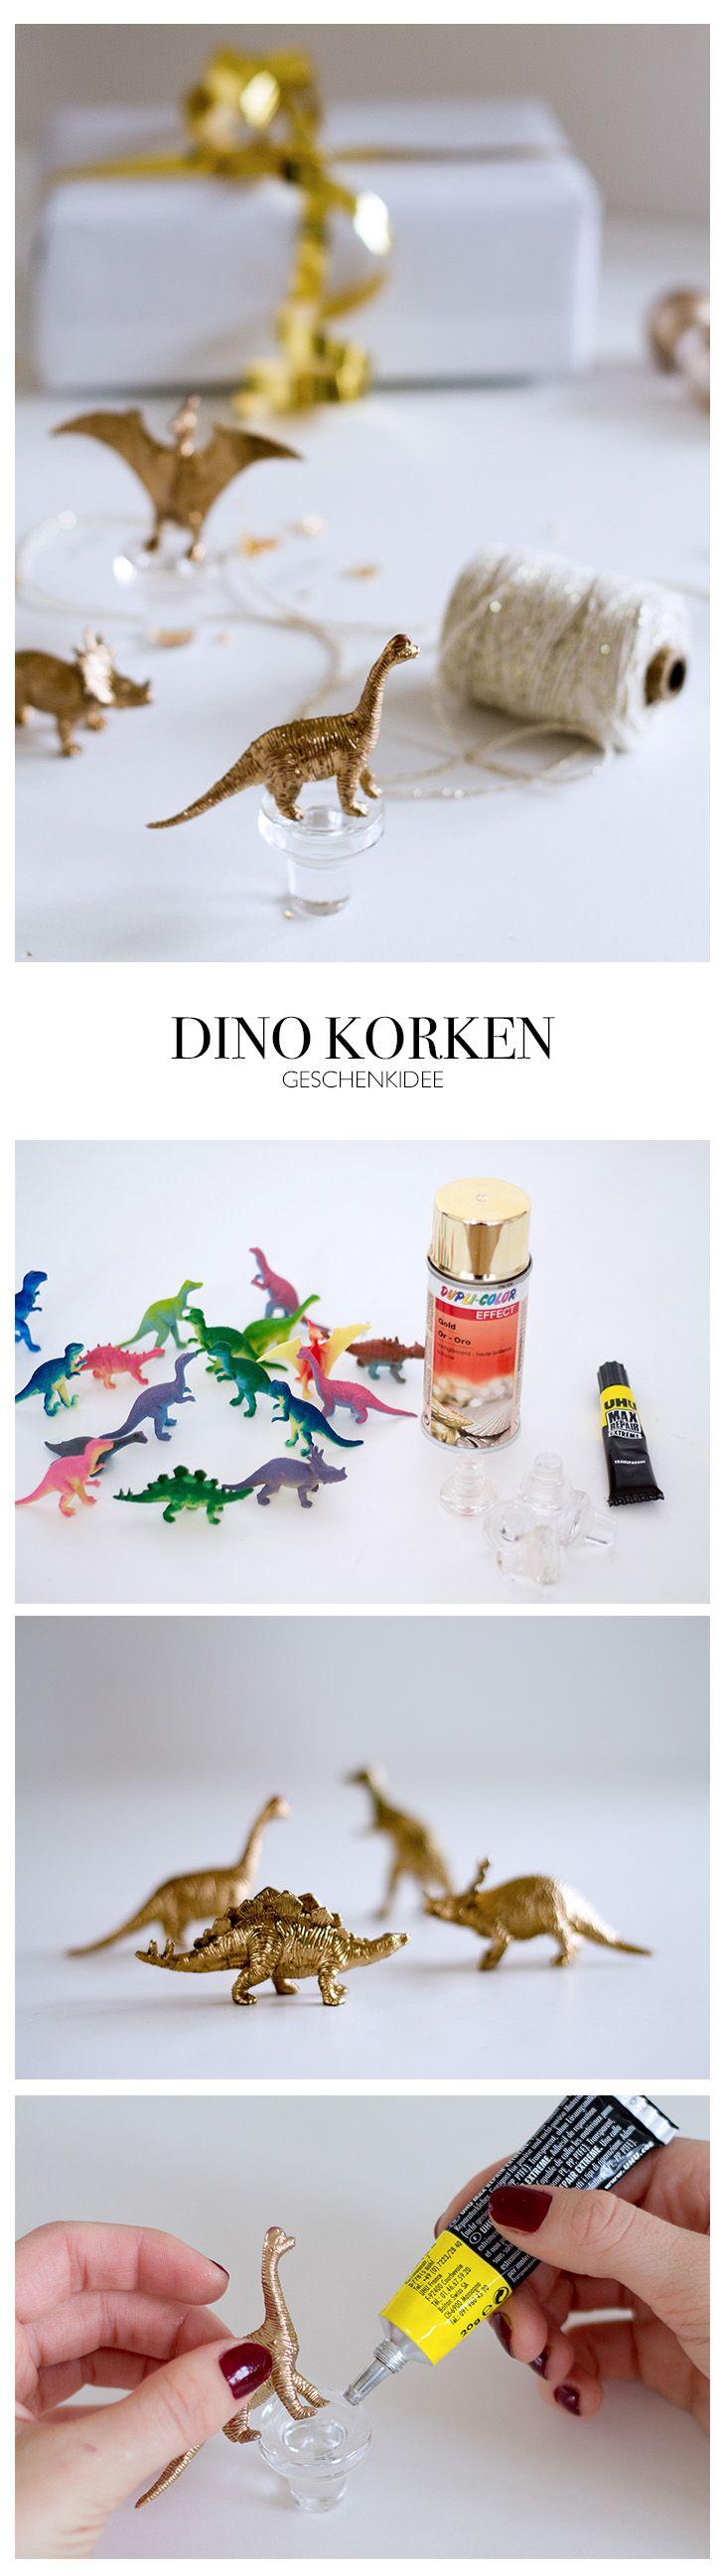 DIY Anleitung Geschenke für ihn - goldene Dinos als Weinkorken